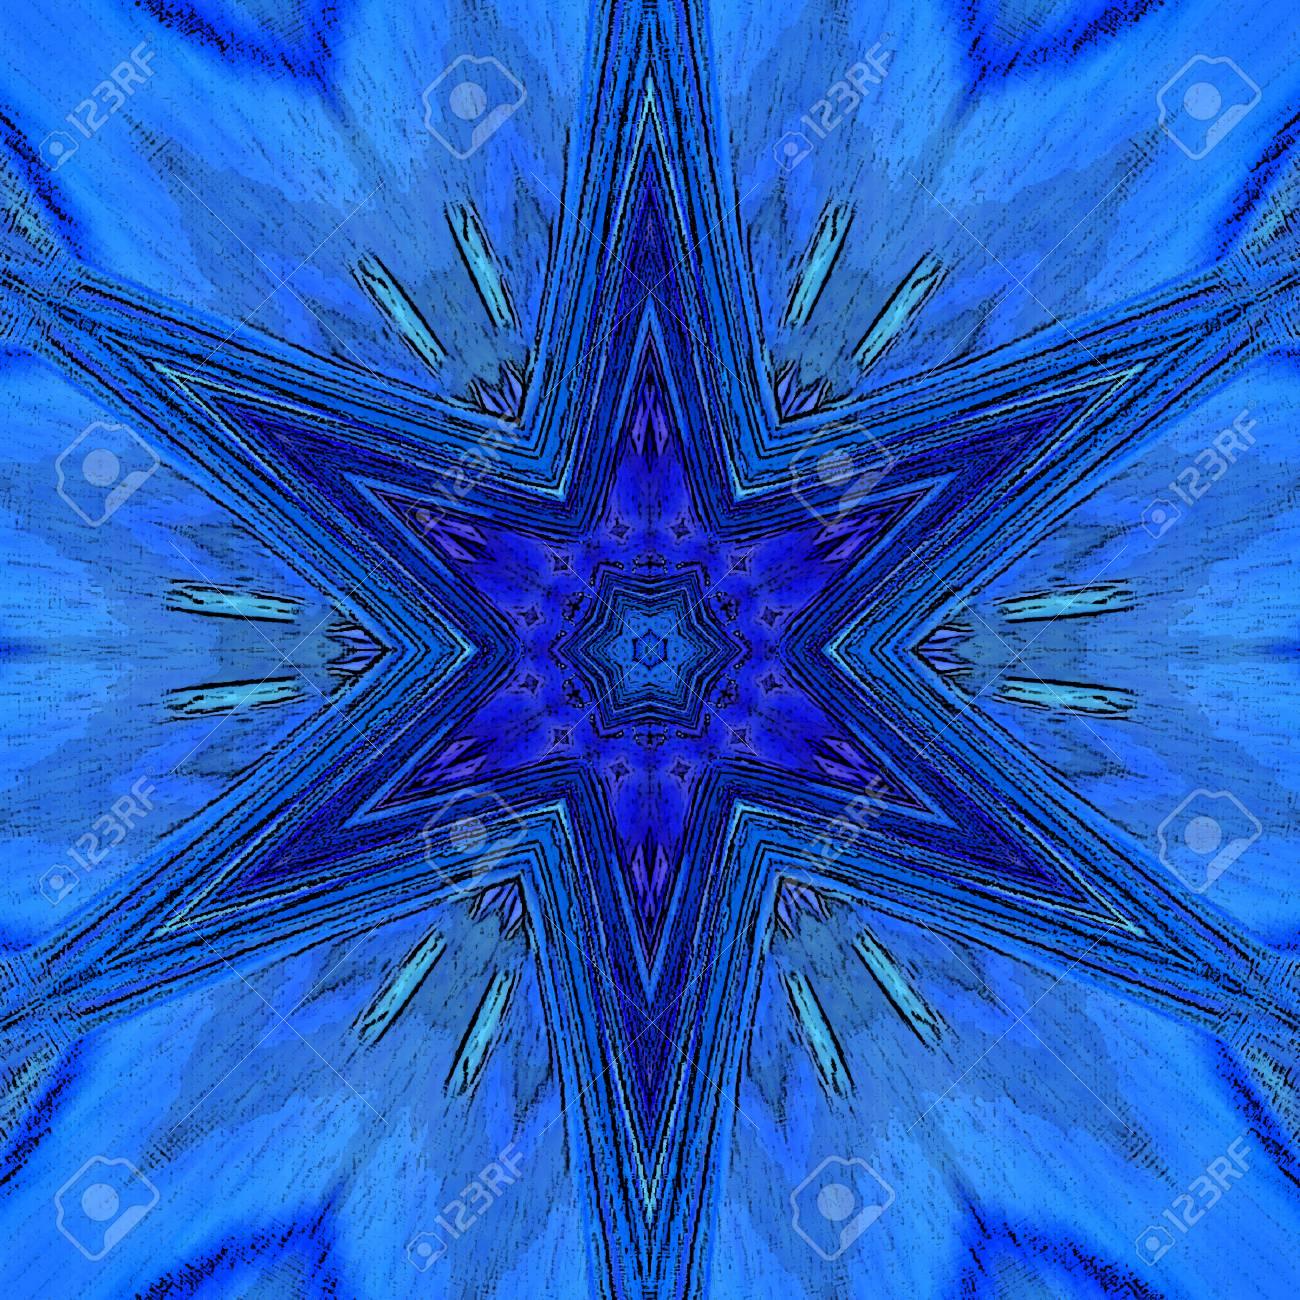 arabesque blue star tile vibrant neon mandala